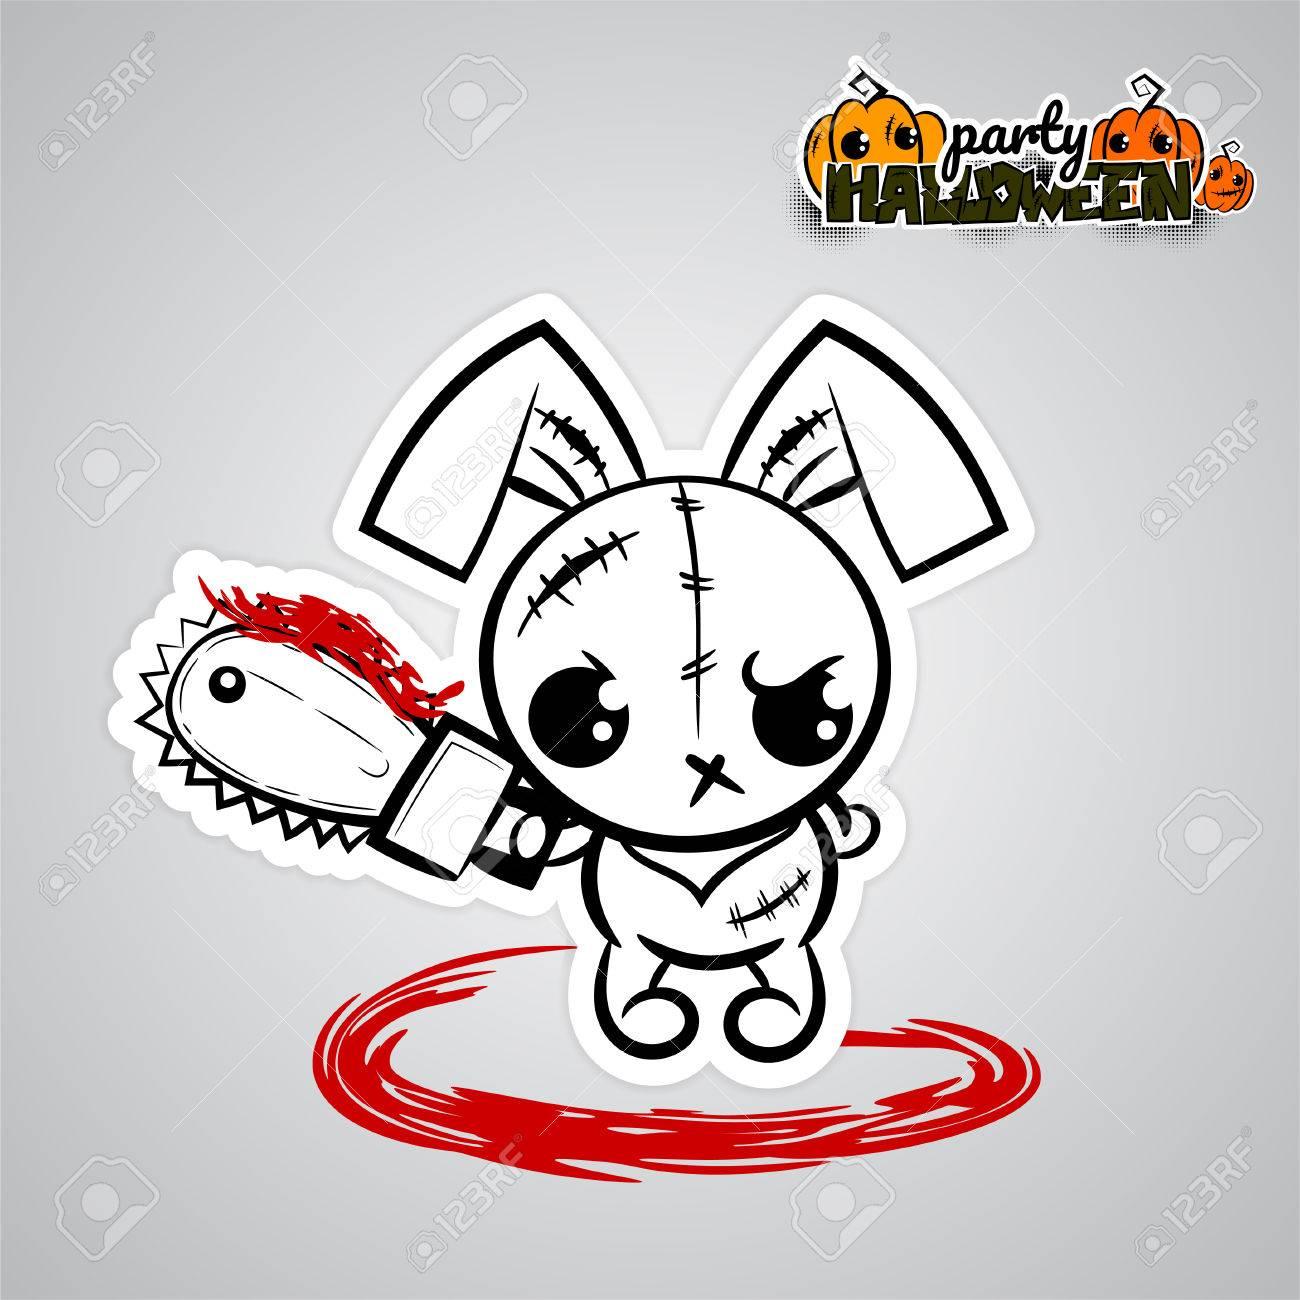 Hässliche Wütend Monochrome Faden Nadel Voodoo Puppe Nähen ...